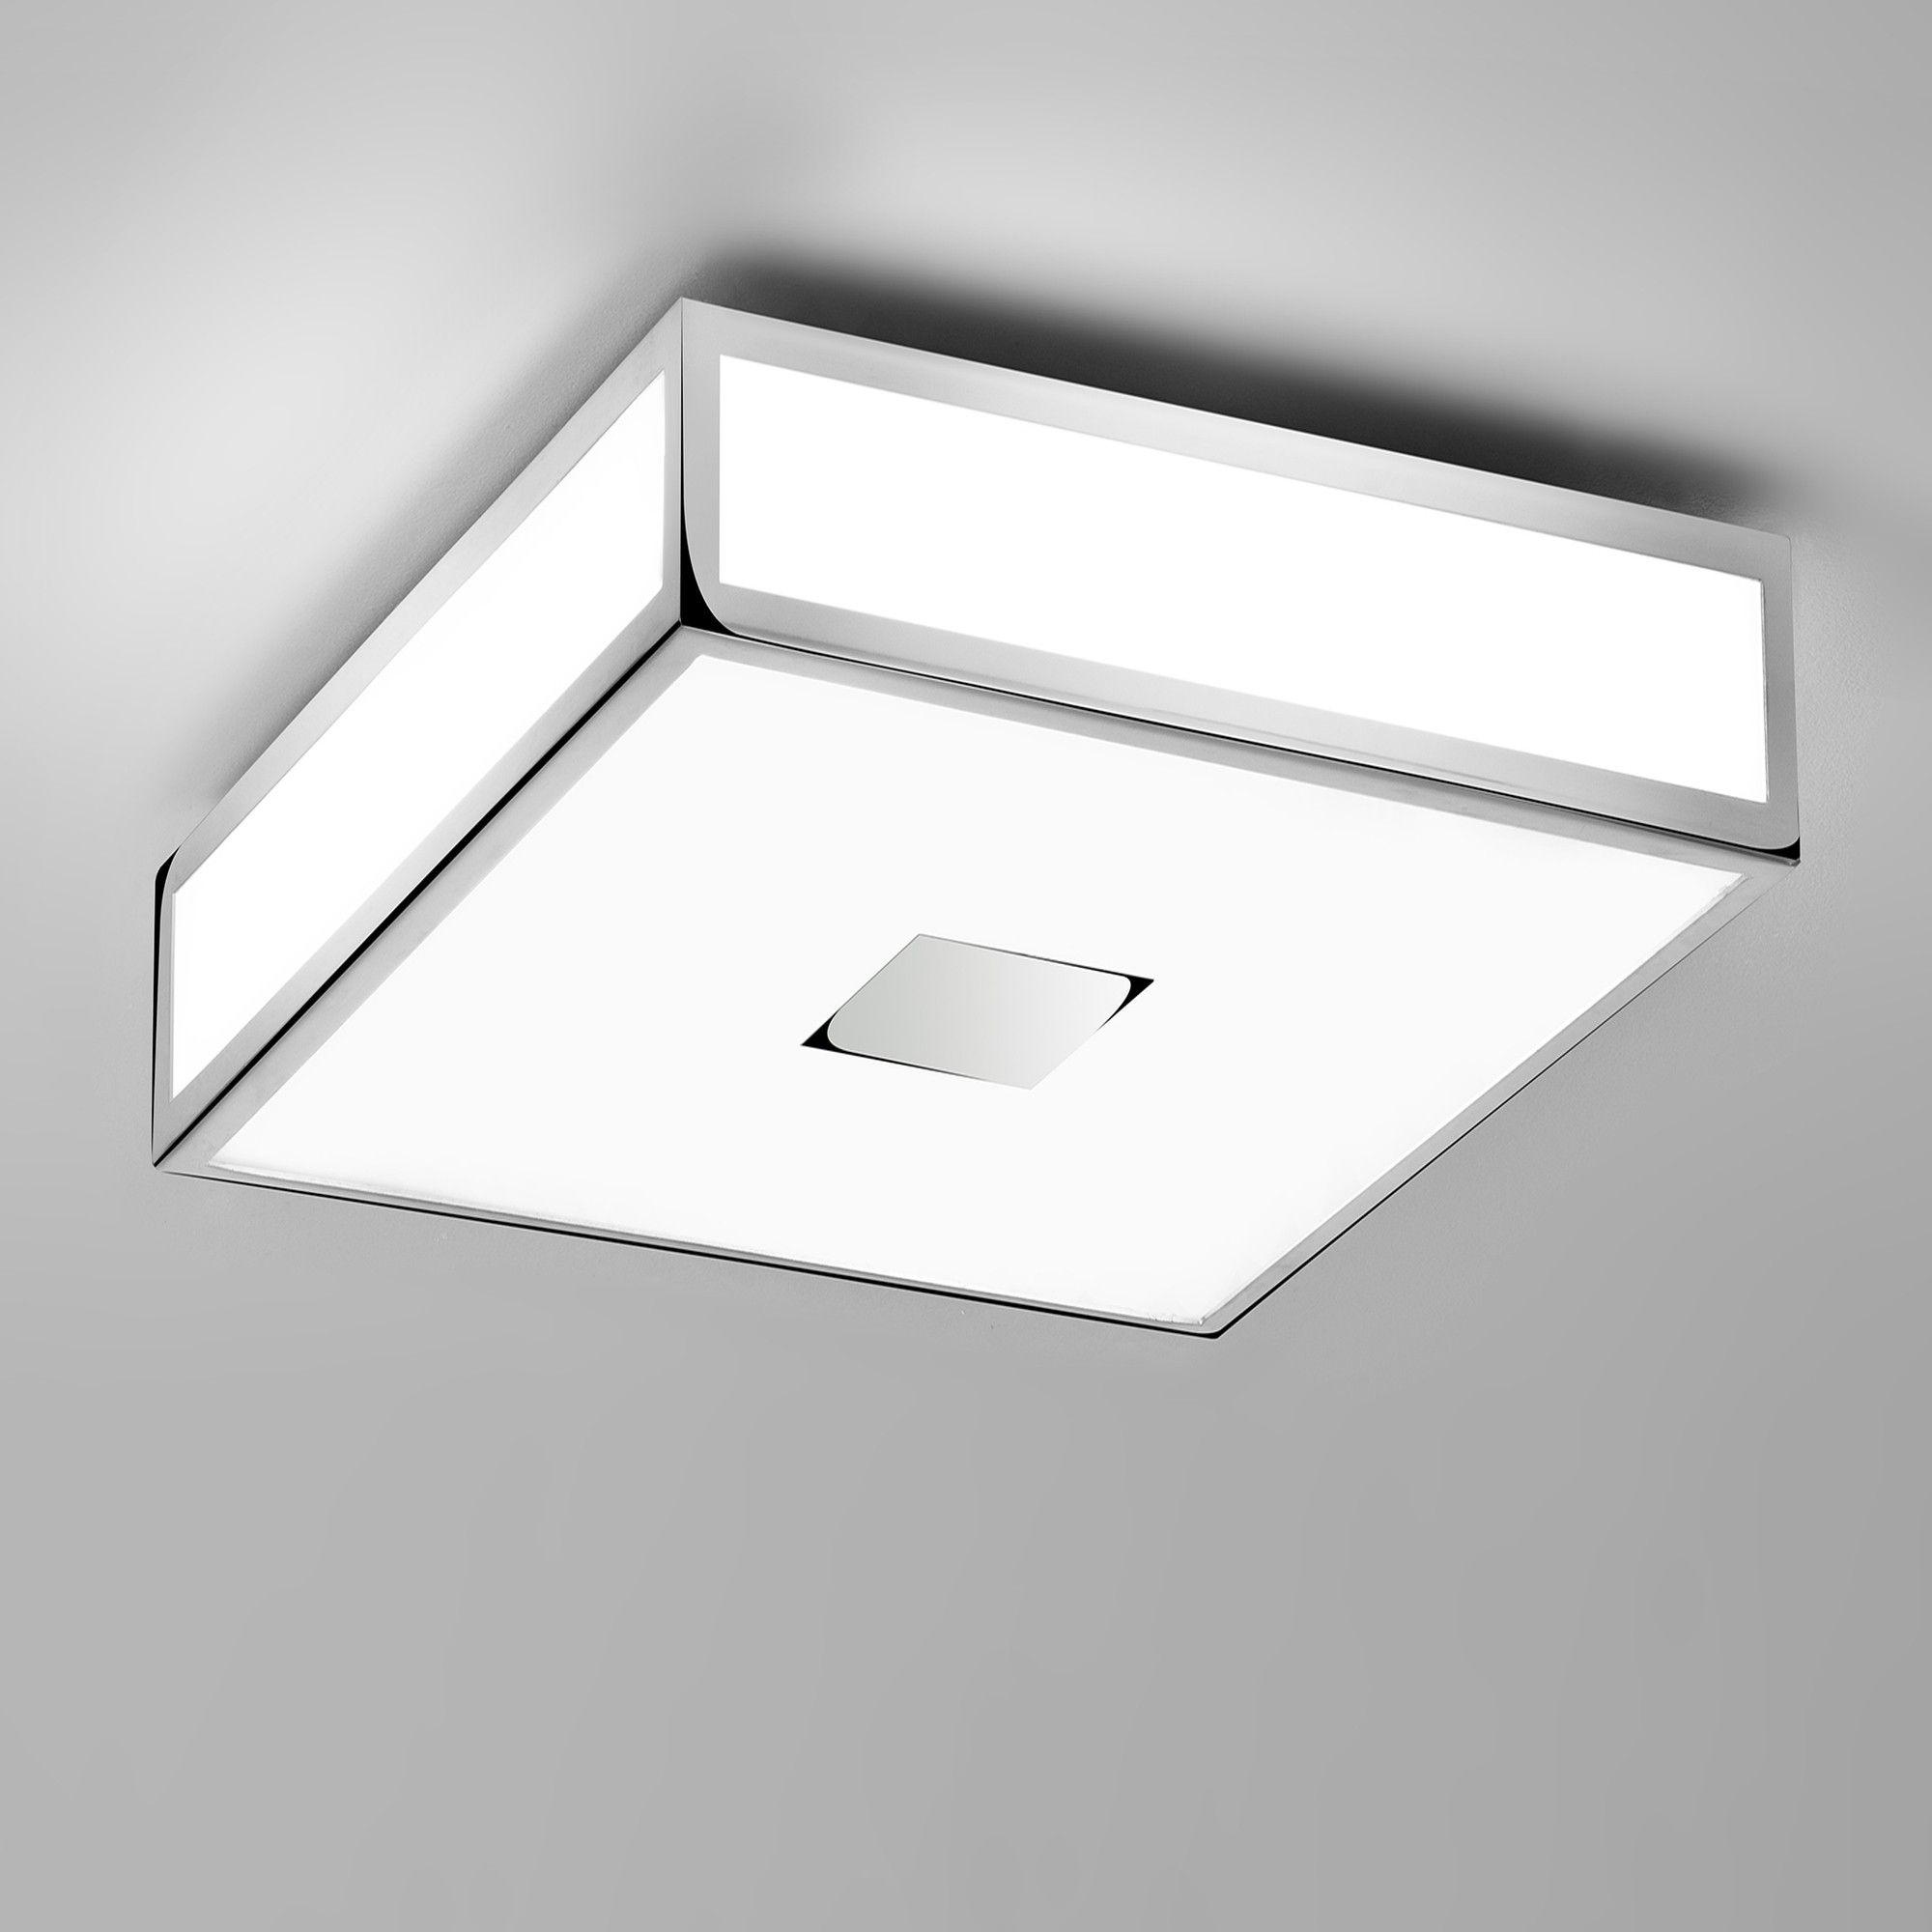 Bathroom exhaust fan bunnings bathroom design 2017 2018 bathroom cube shape of bathroom ceiling light with chrome list the fabulous bathroom ceiling light for the house aloadofball Images